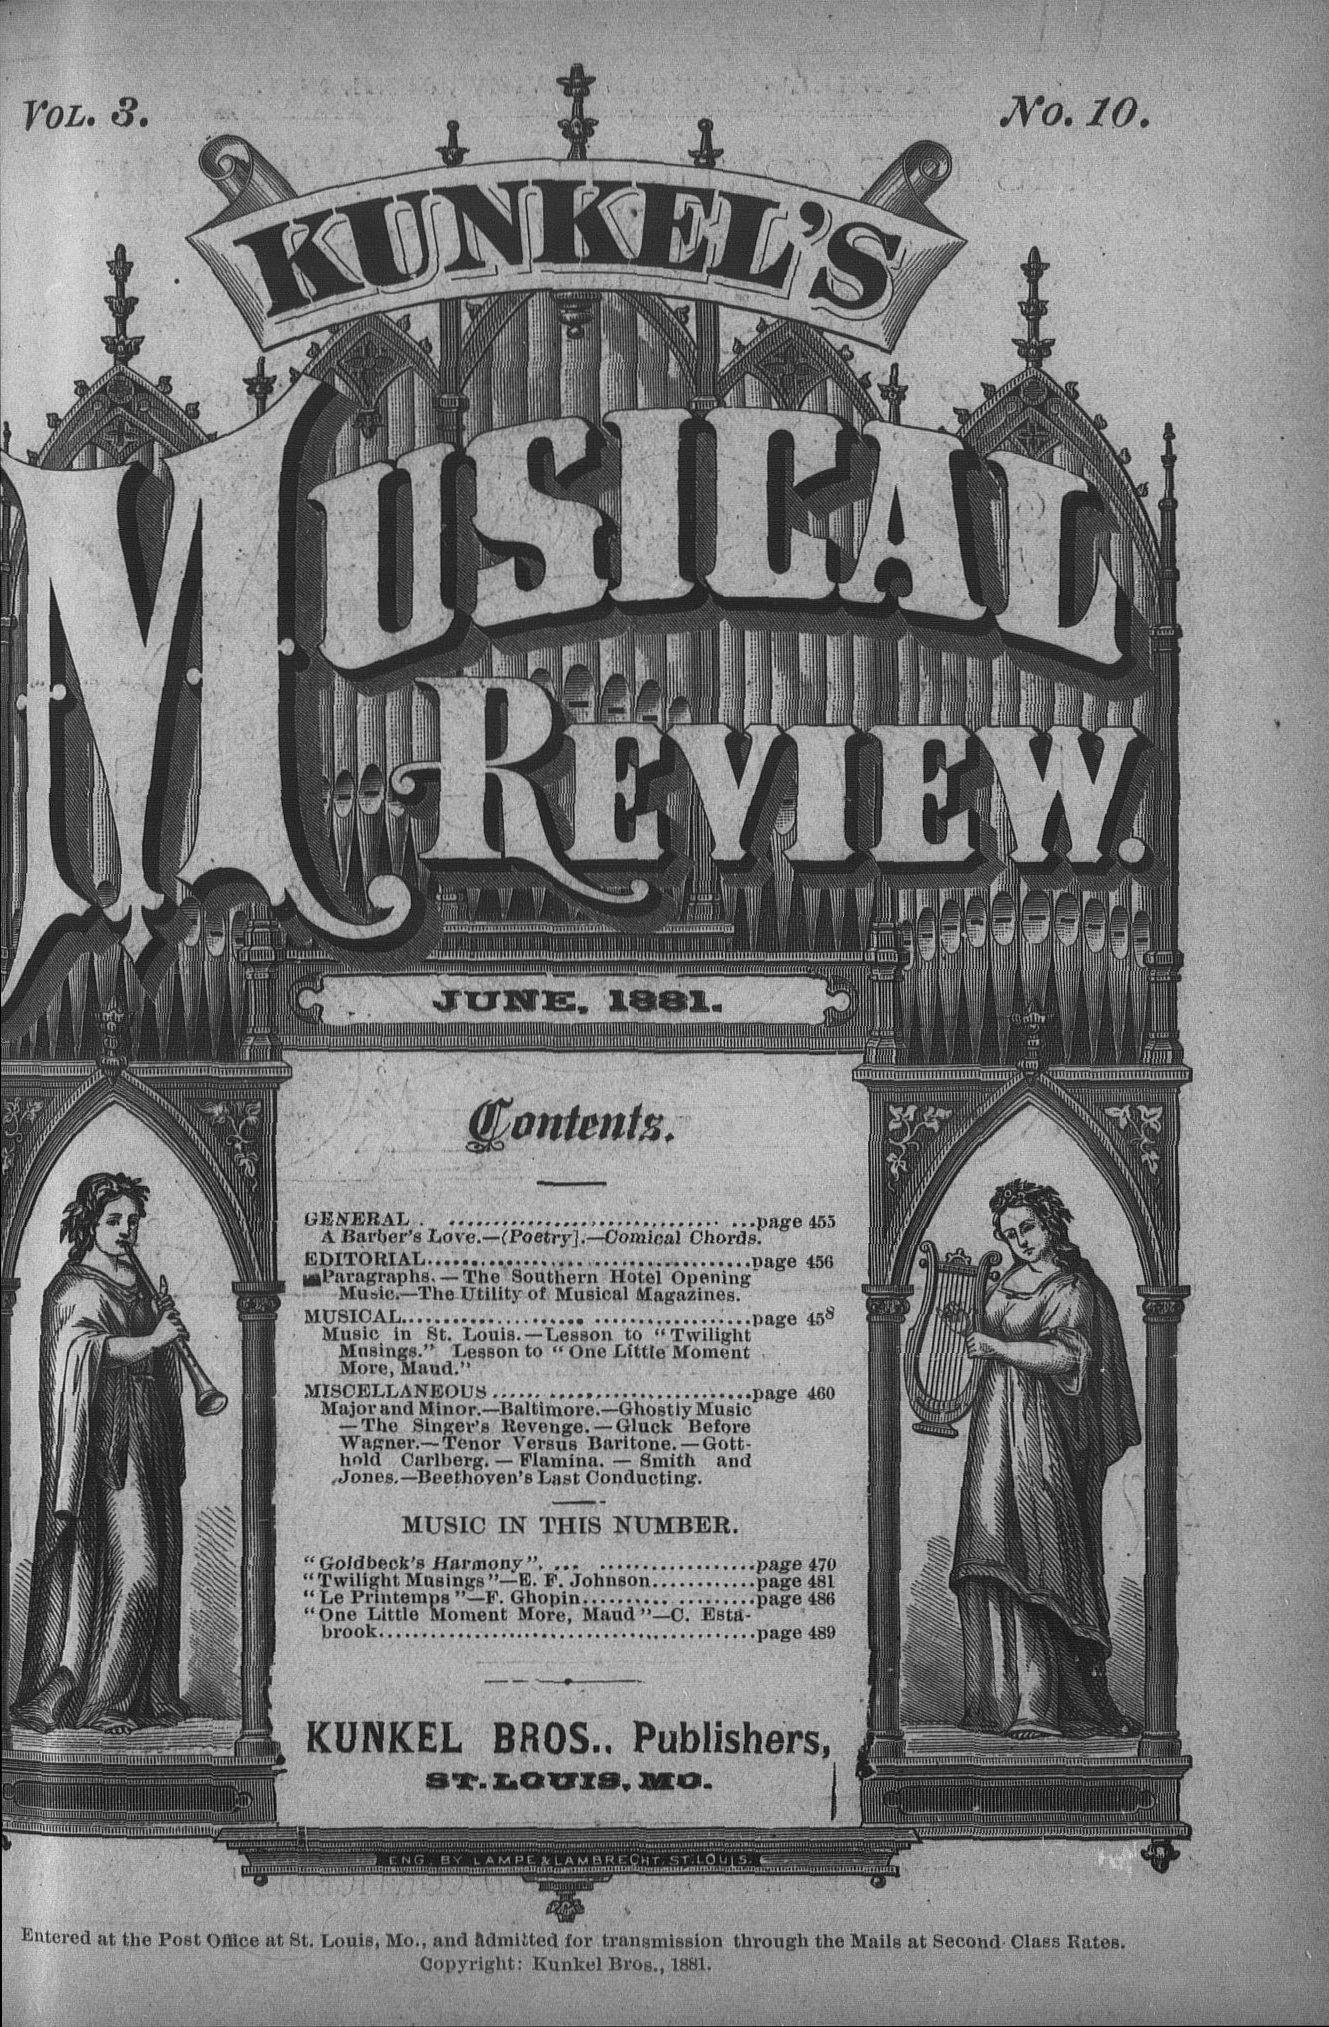 Kunkel's Musical Review, Vol  III, no  10, June, 1881